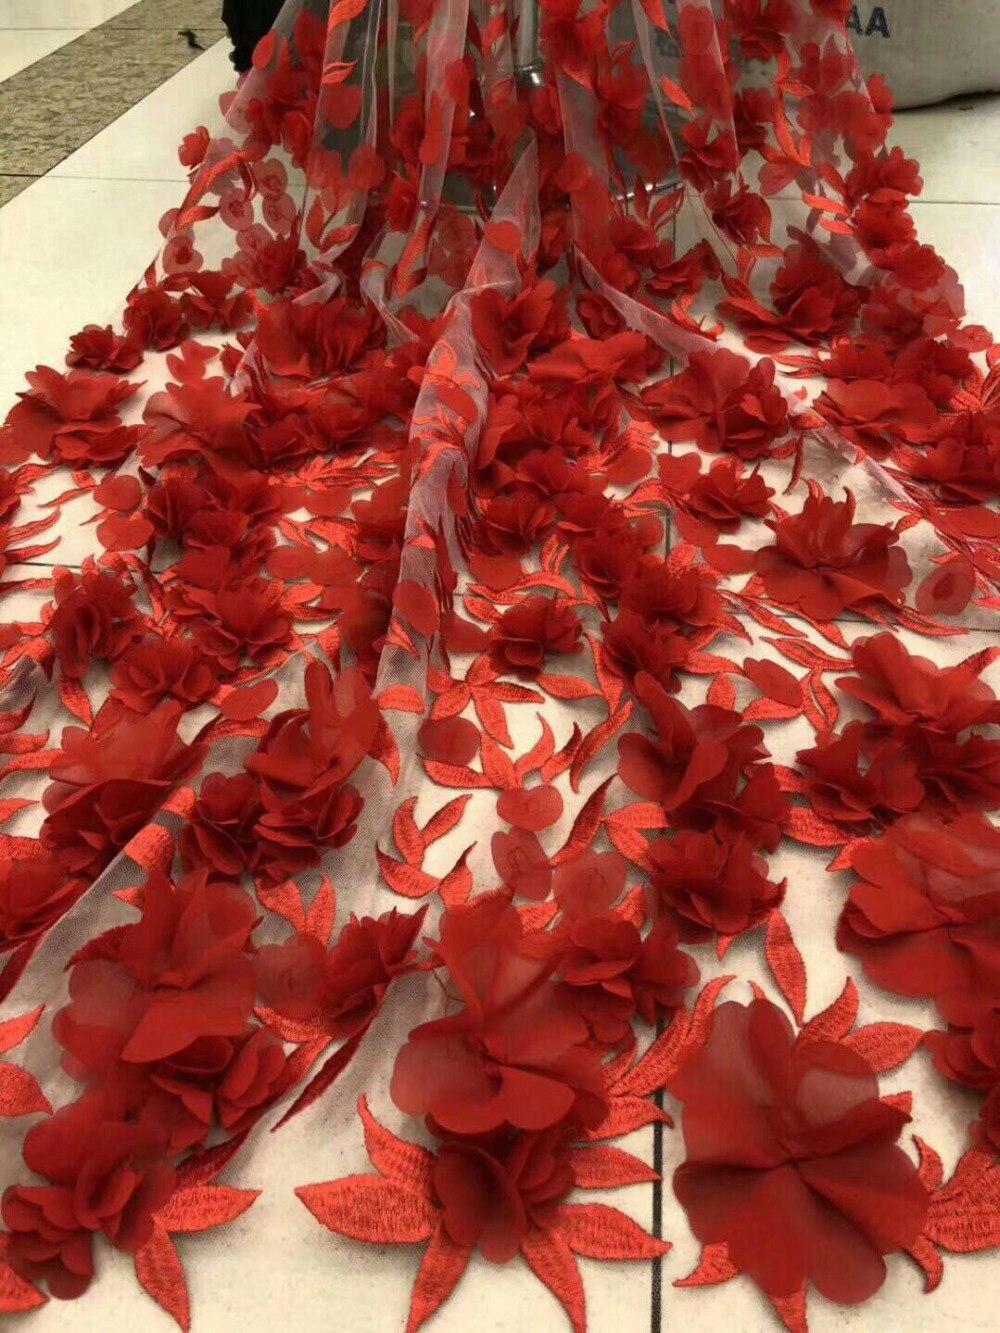 جديد جودة عالية كبير الأحمر اليدوى 3d الكبير زهرة الفرنسية صافي أقمشة الدانتيل زين شبكة تول الدانتيل الفرنسي الأفريقية للنساء الزفاف-في دانتيل من المنزل والحديقة على  مجموعة 1